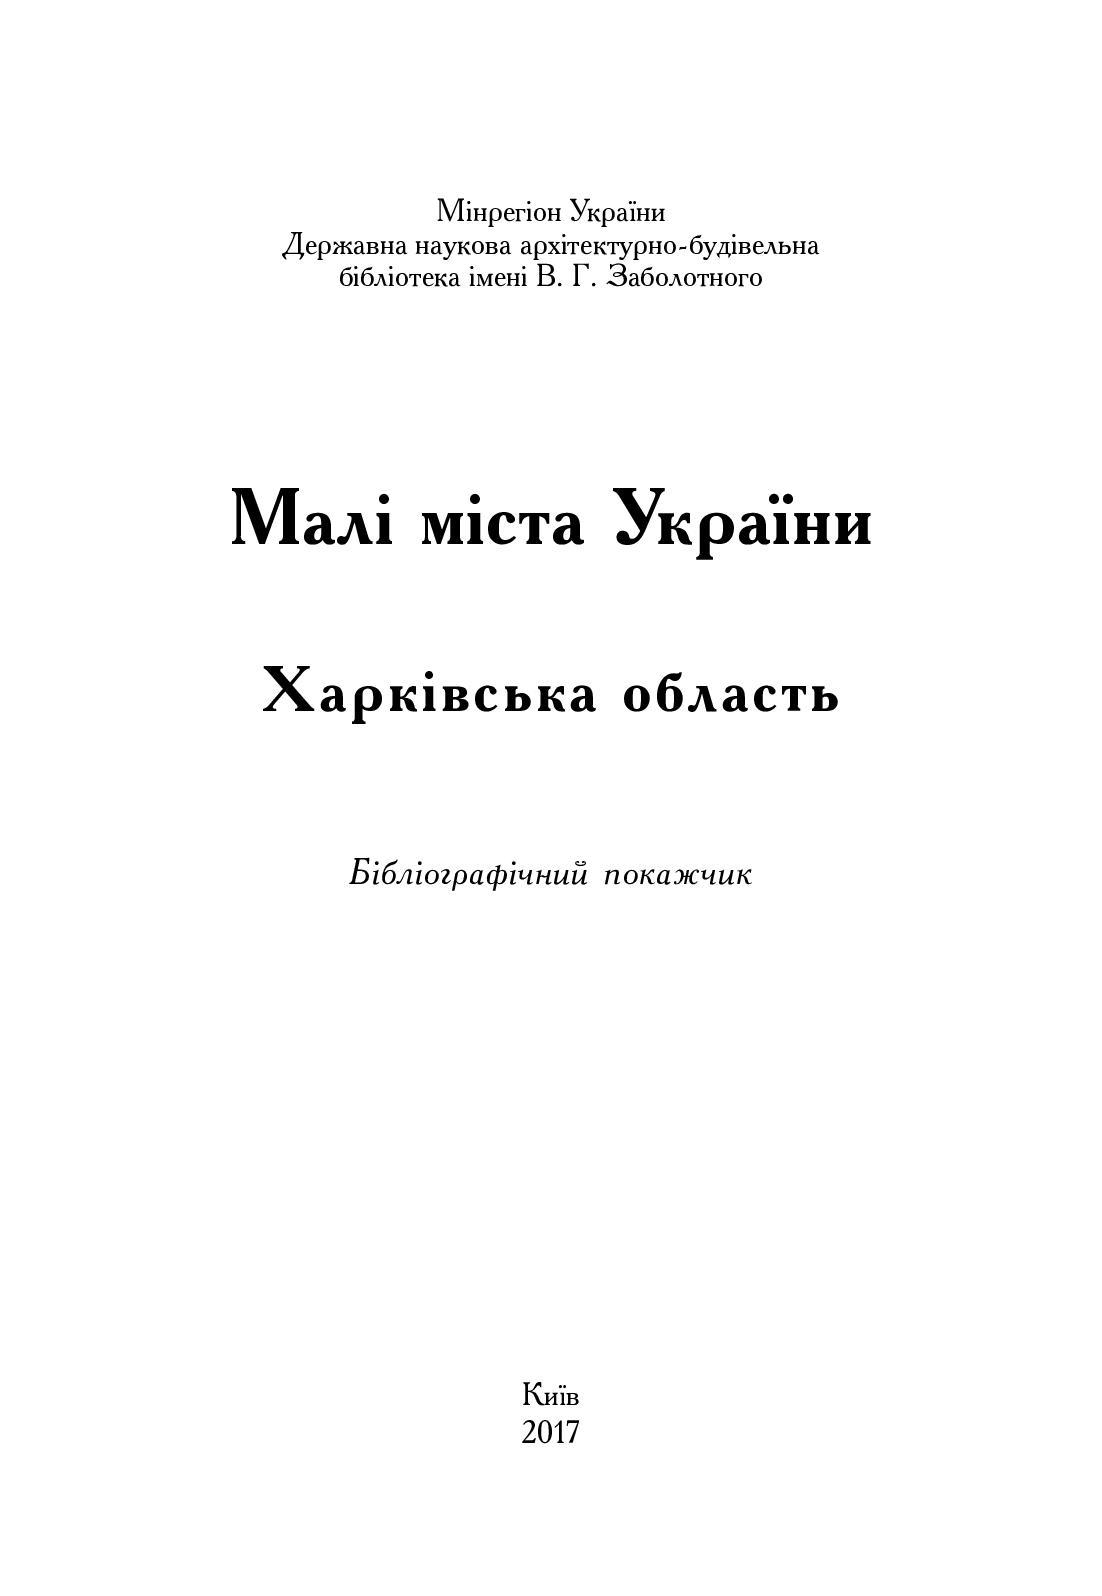 Харківська область 20 09 2017